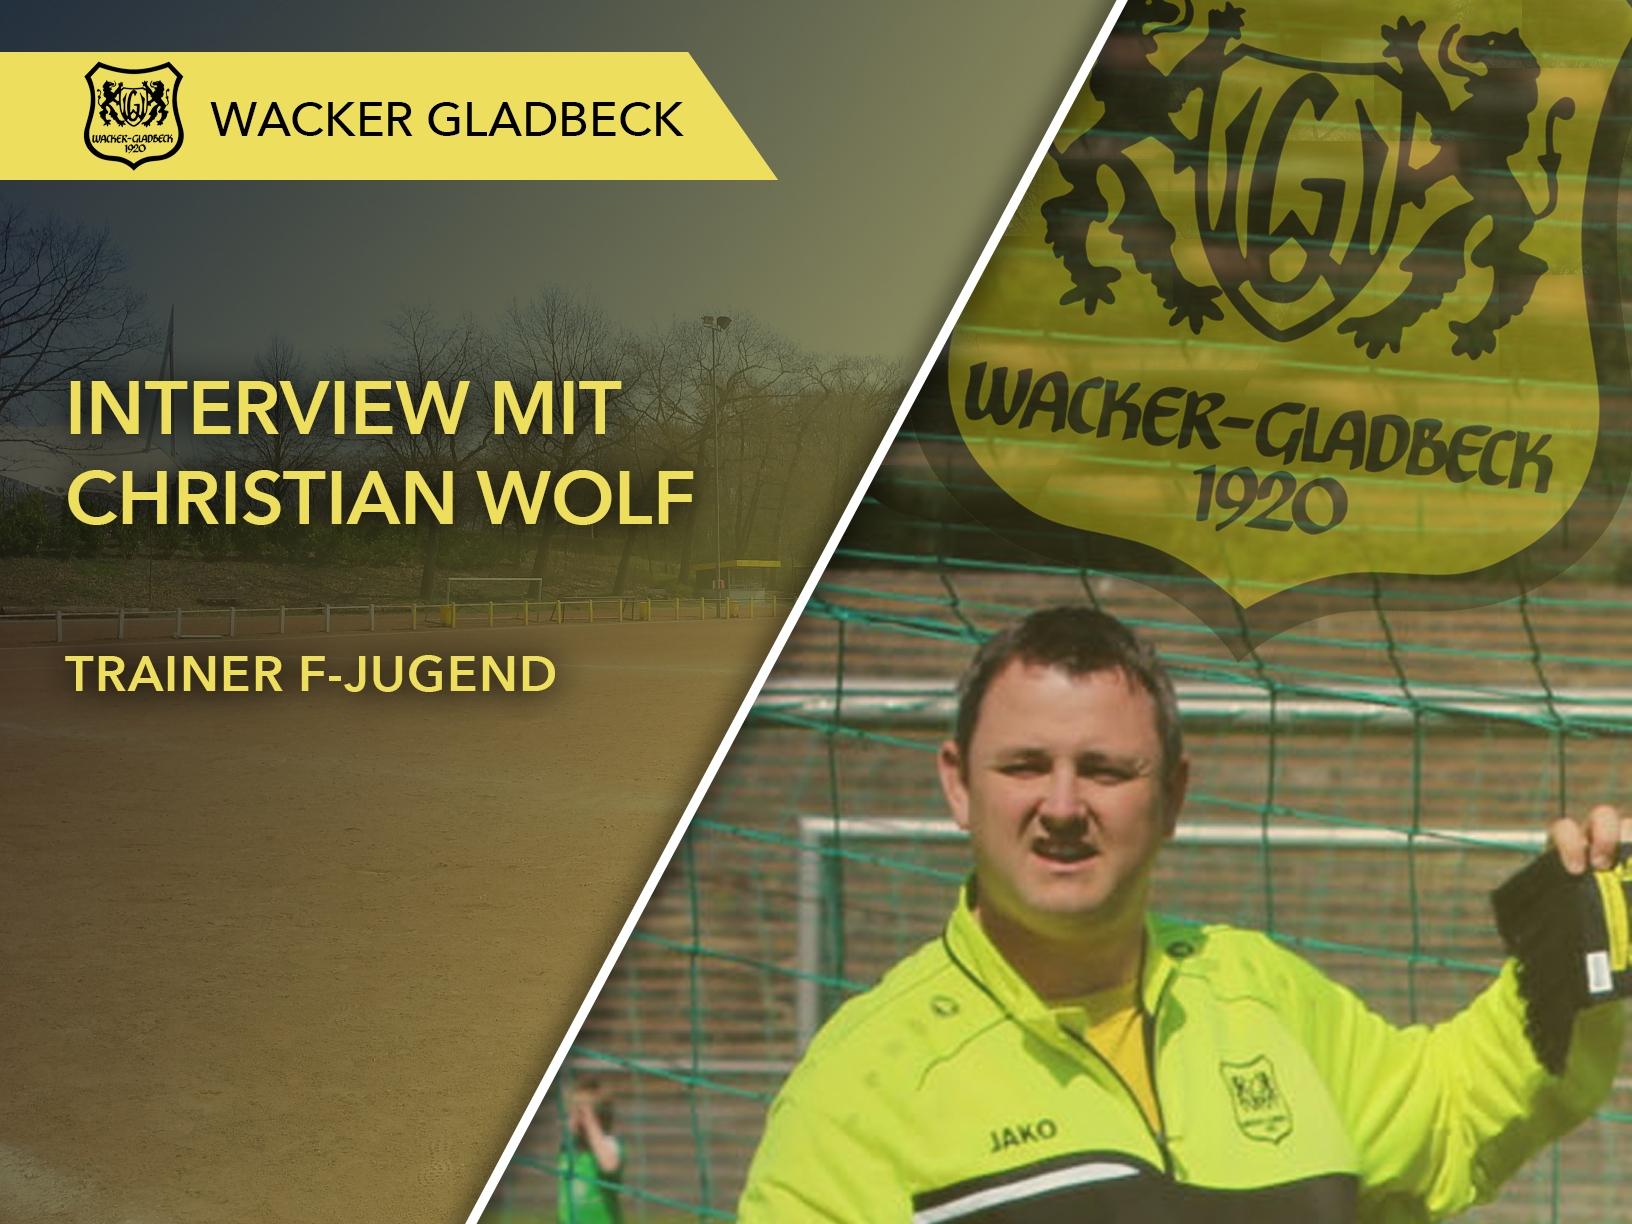 Wacker Gladbeck - Interview mit Jugendtrainer Christian Wolf